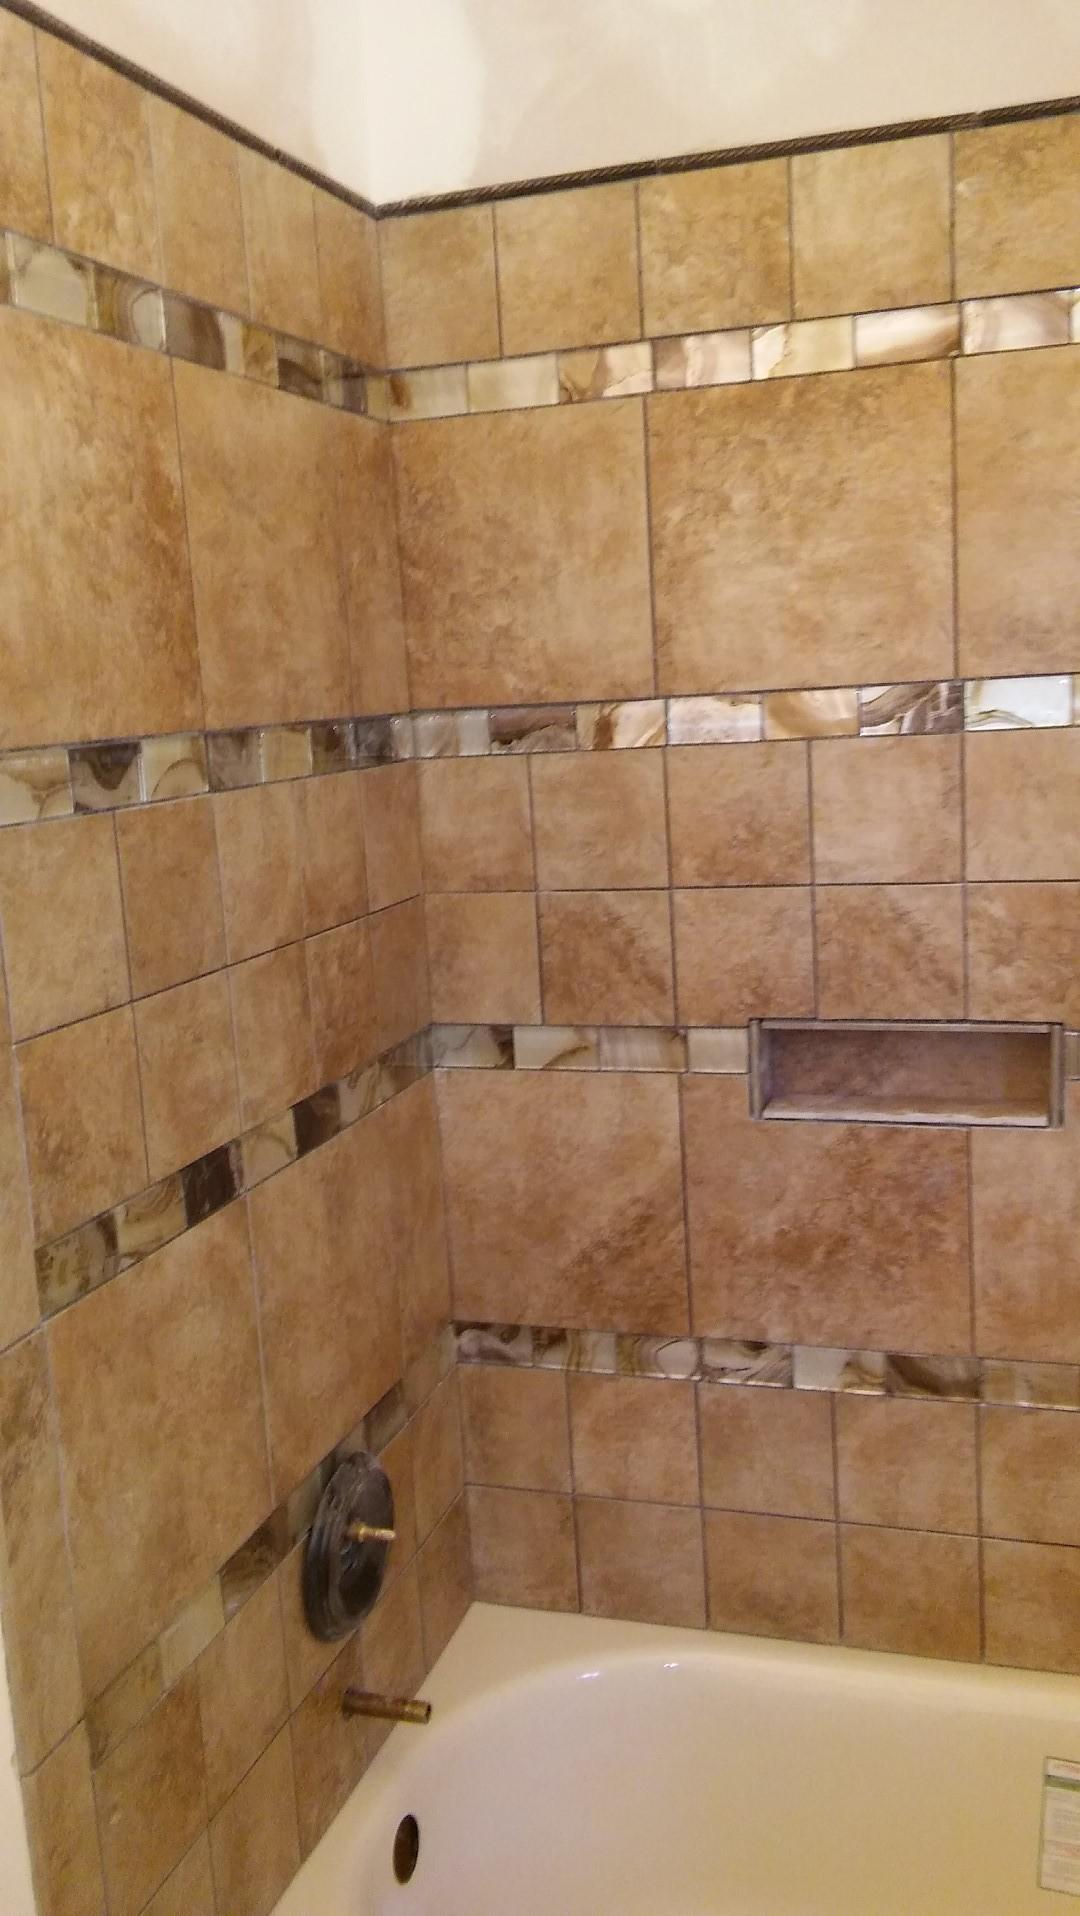 kitchen bathroom remodeling service - Bathroom Remodeling Service